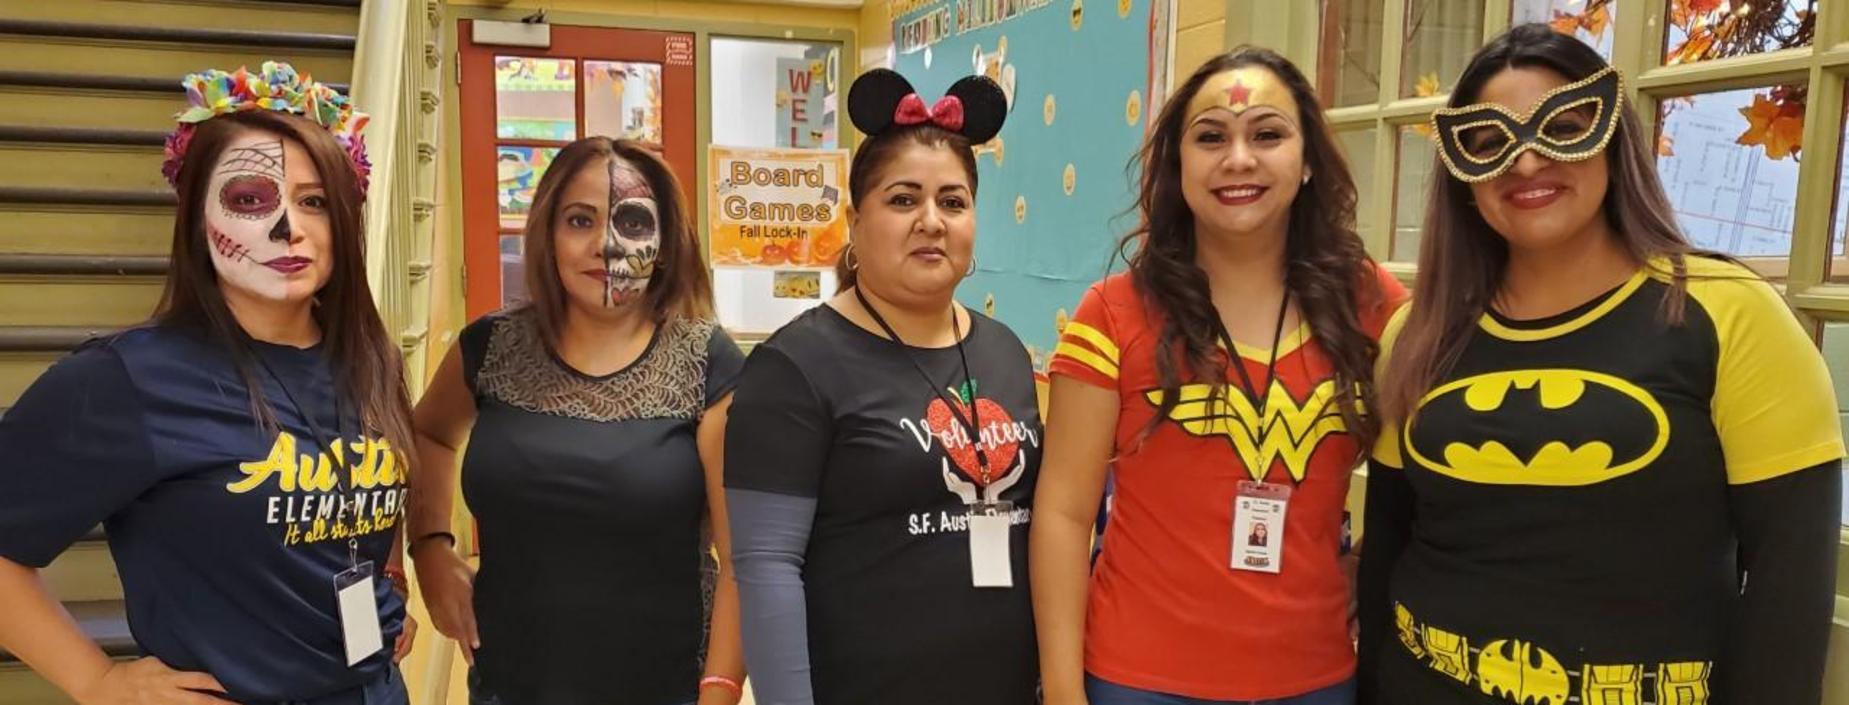 Volunteers dressed as superheroes